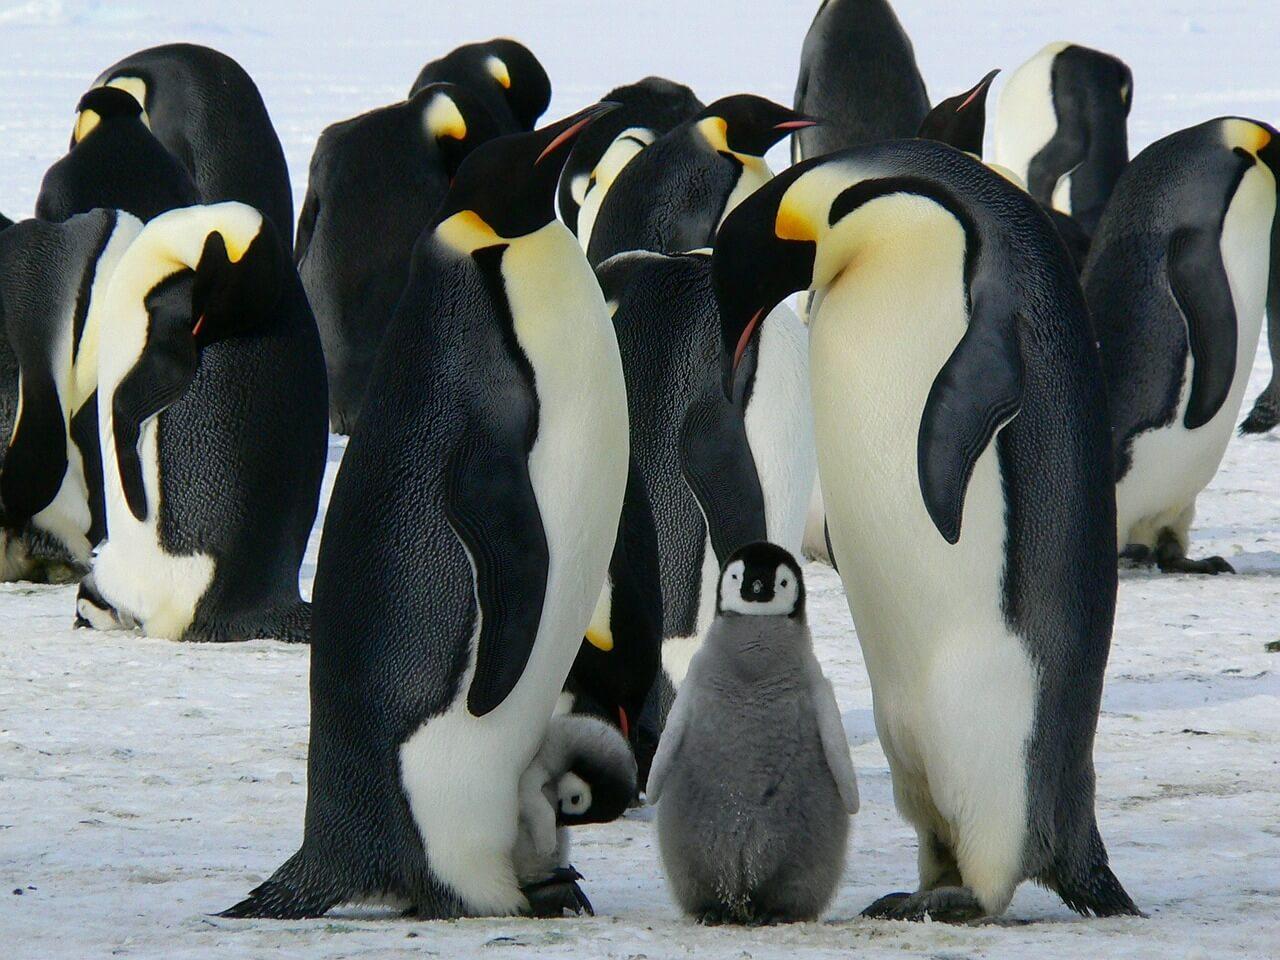 penguins-429128_1280.jpg